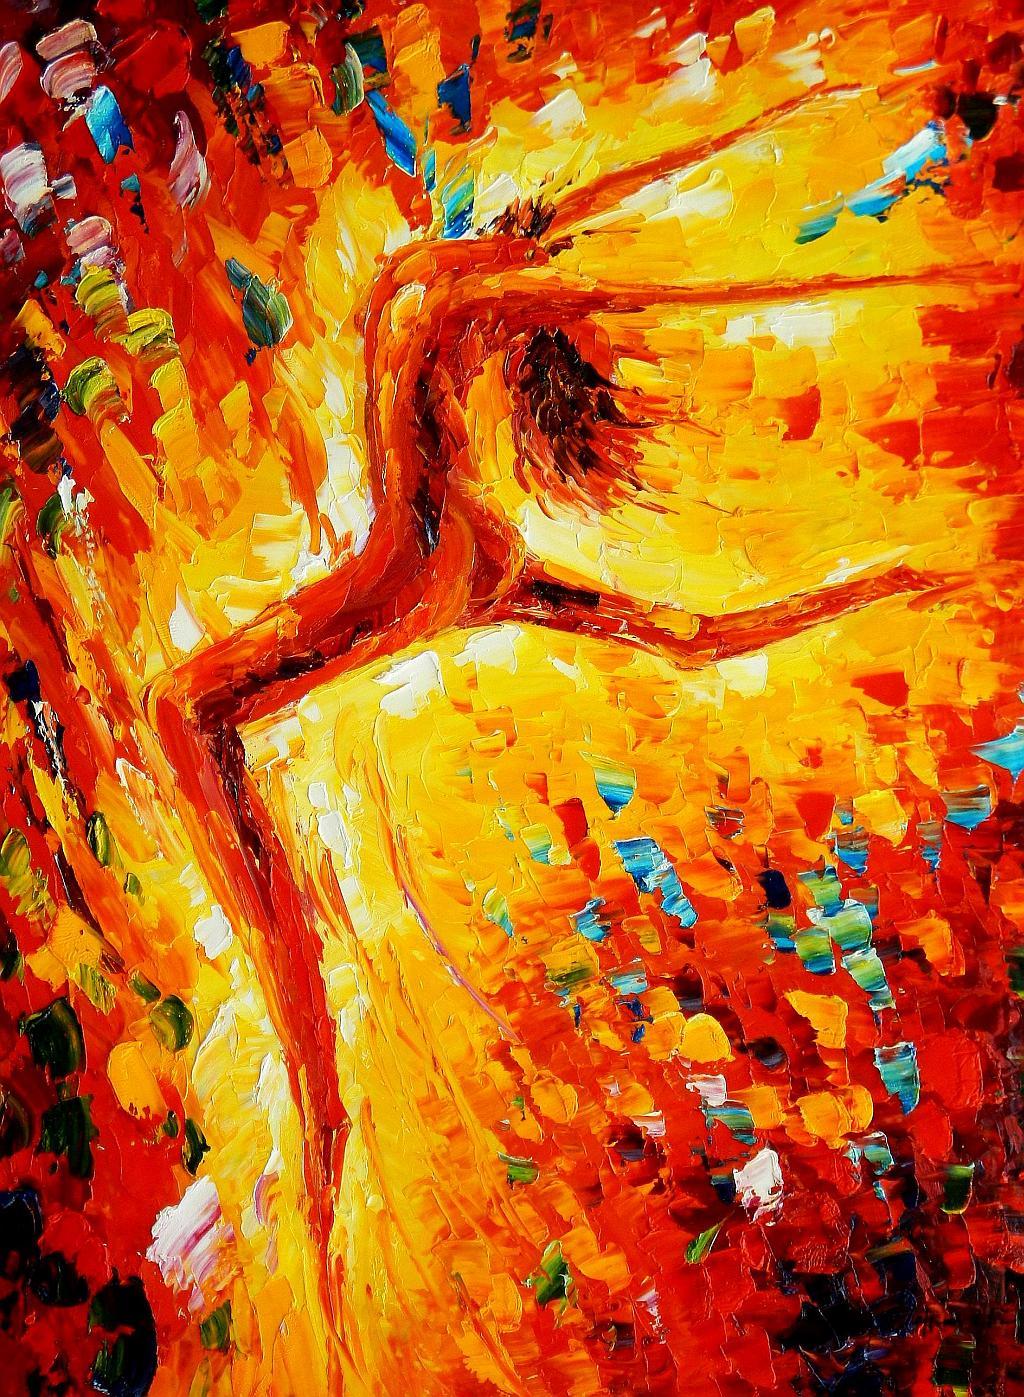 Modern Art - Passion der Tänzerin i93118 80x110cm abstraktes Ölbild